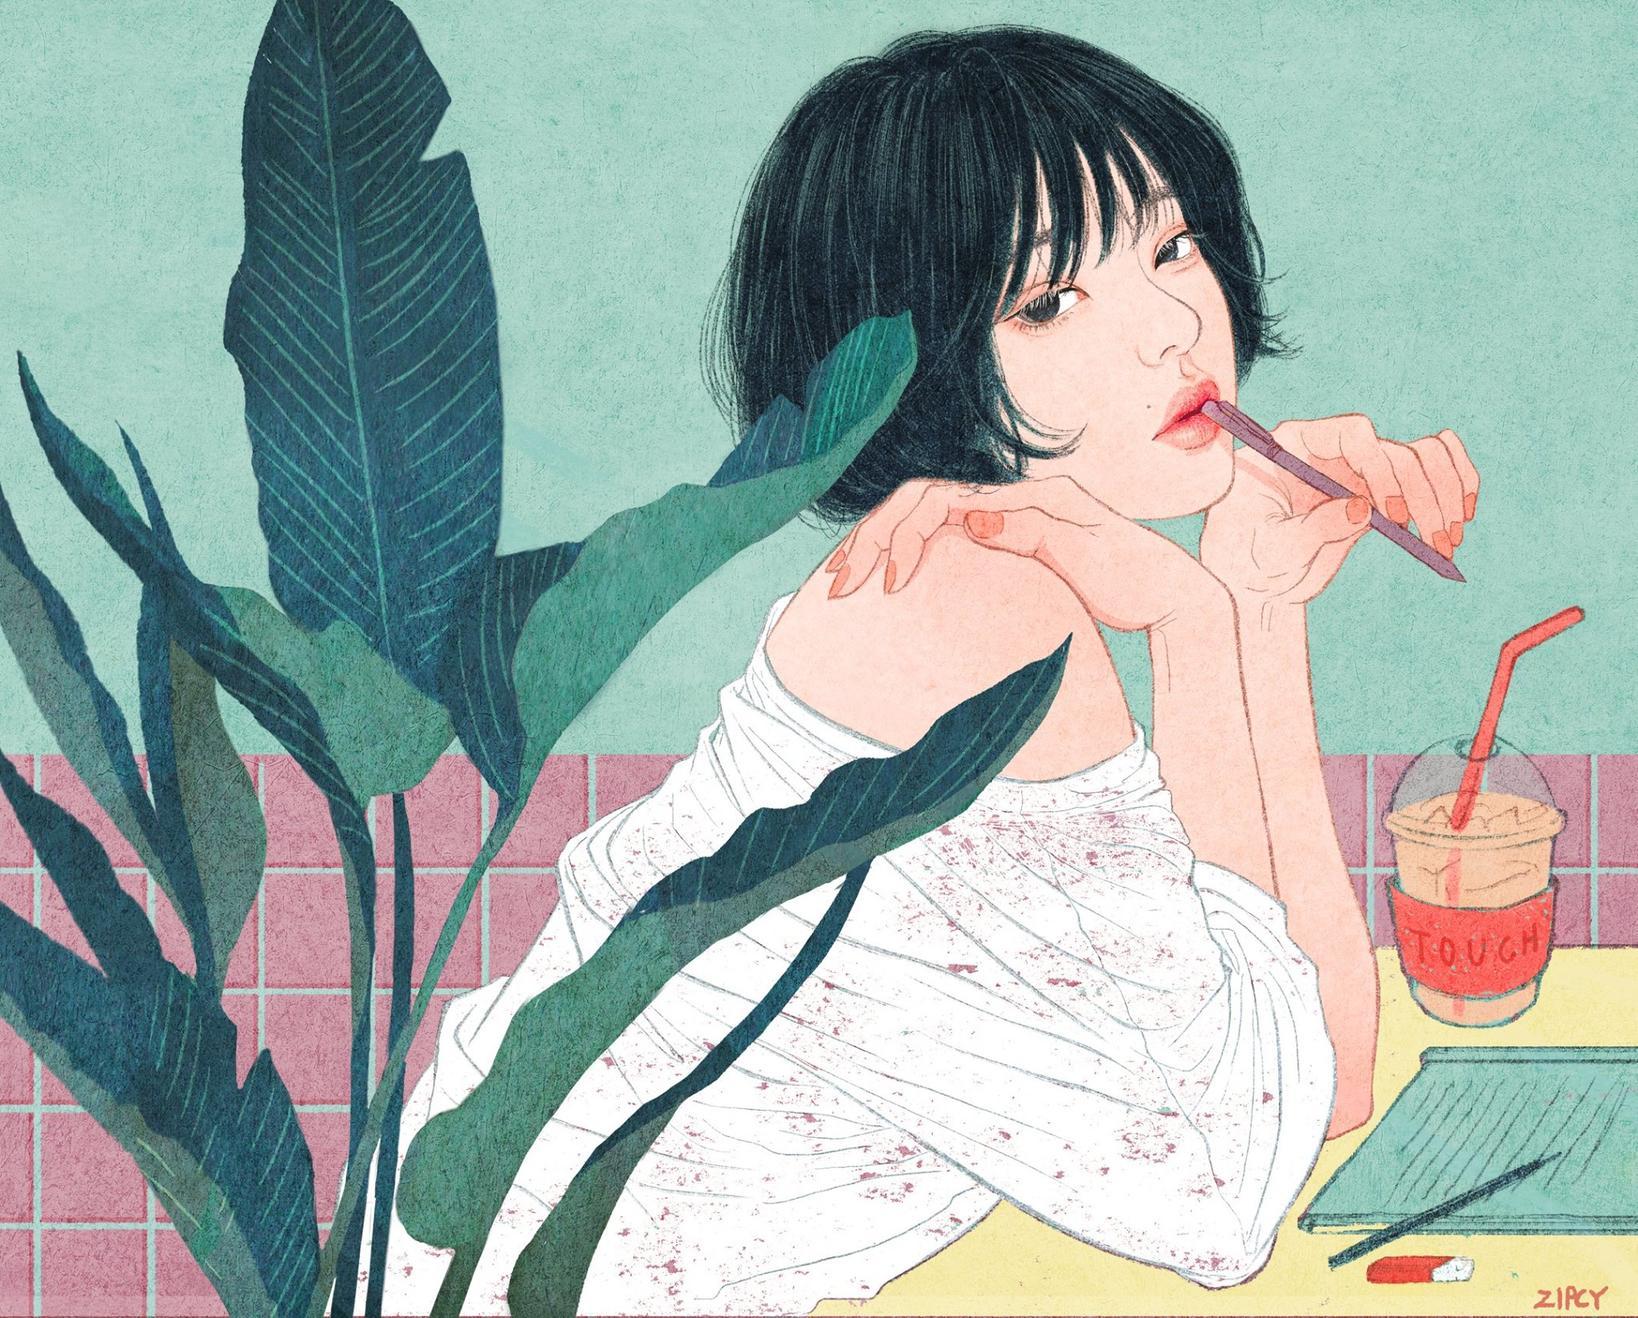 Корейский художник показал чувственную сторону любви. И это просто великолепно!.. Любовь спасет мир!